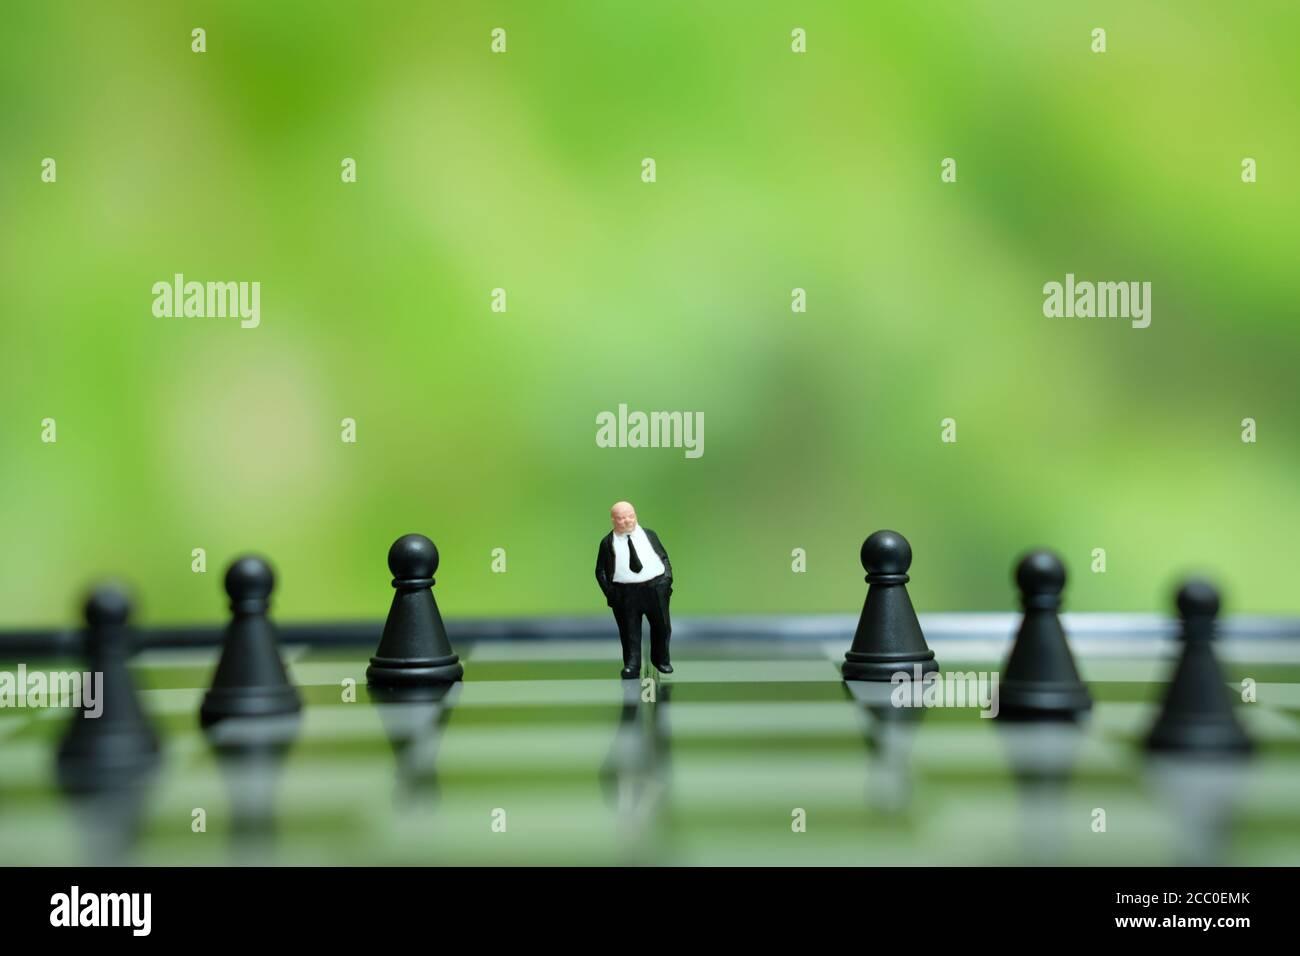 Photo conceptuelle de la stratégie d'affaires - miniature de l'homme d'affaires debout le milieu d'une pièce d'échecs sur un échiquier Banque D'Images